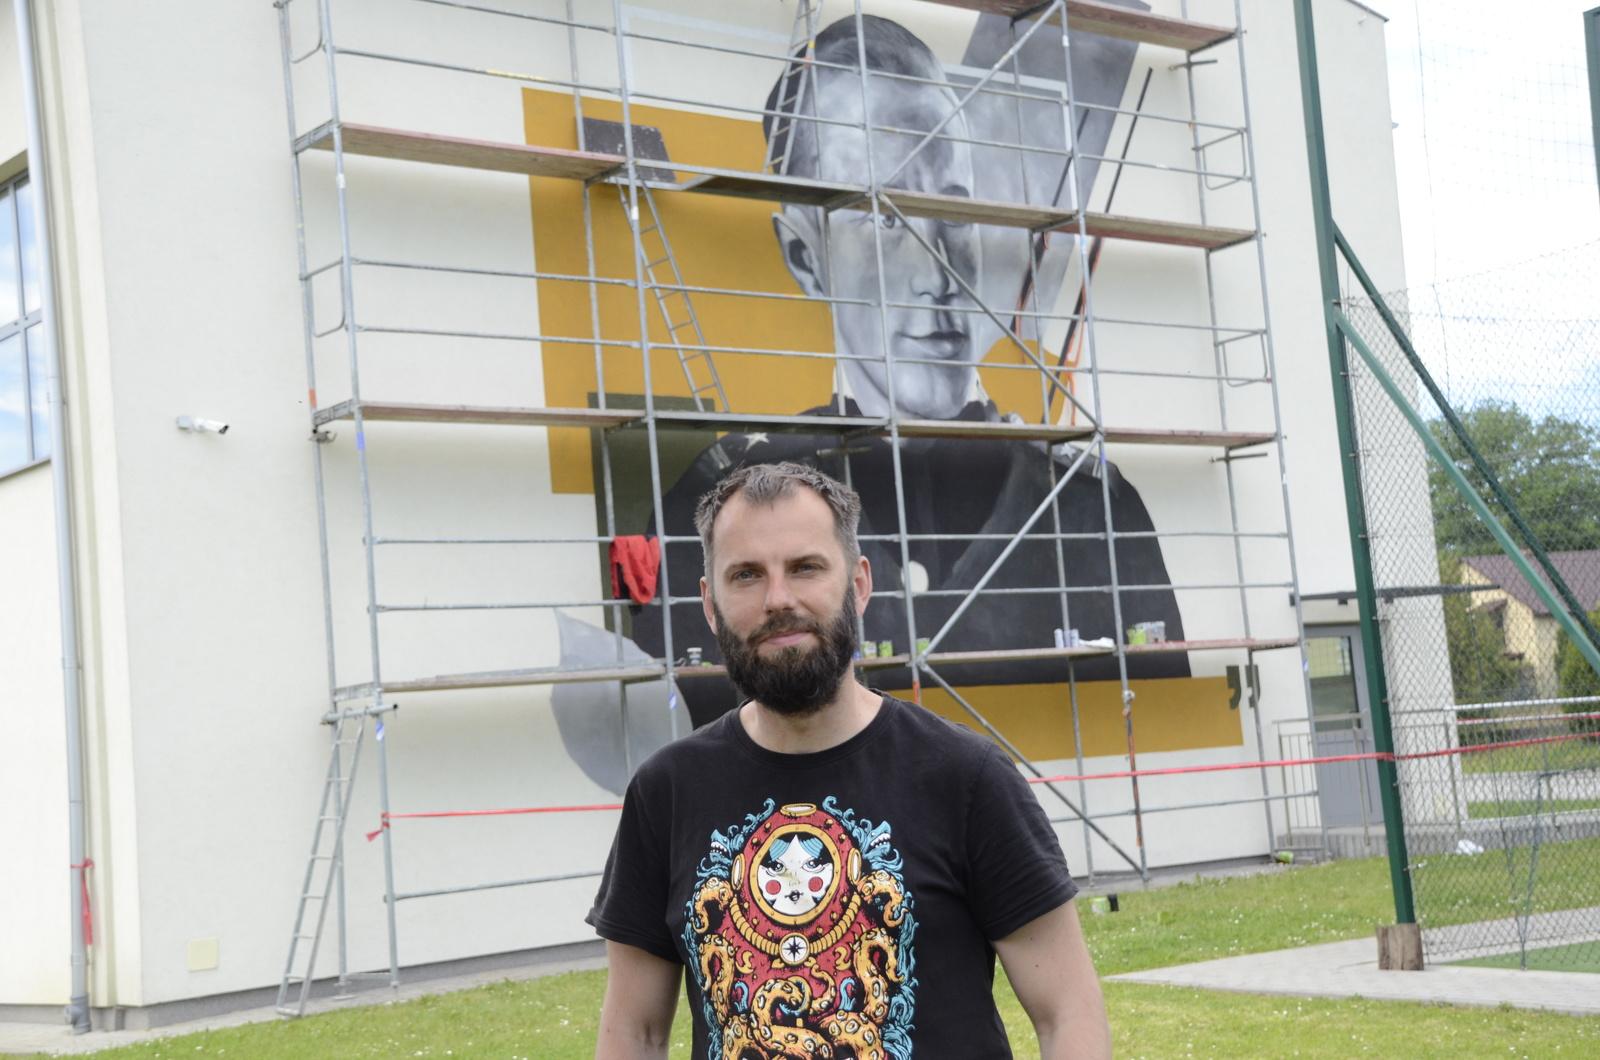 Rozmowa z Arkadiuszem Andrejkowem - to on namalował niesamowity mural w Weryni! [ZDJĘCIA] - Zdjęcie główne